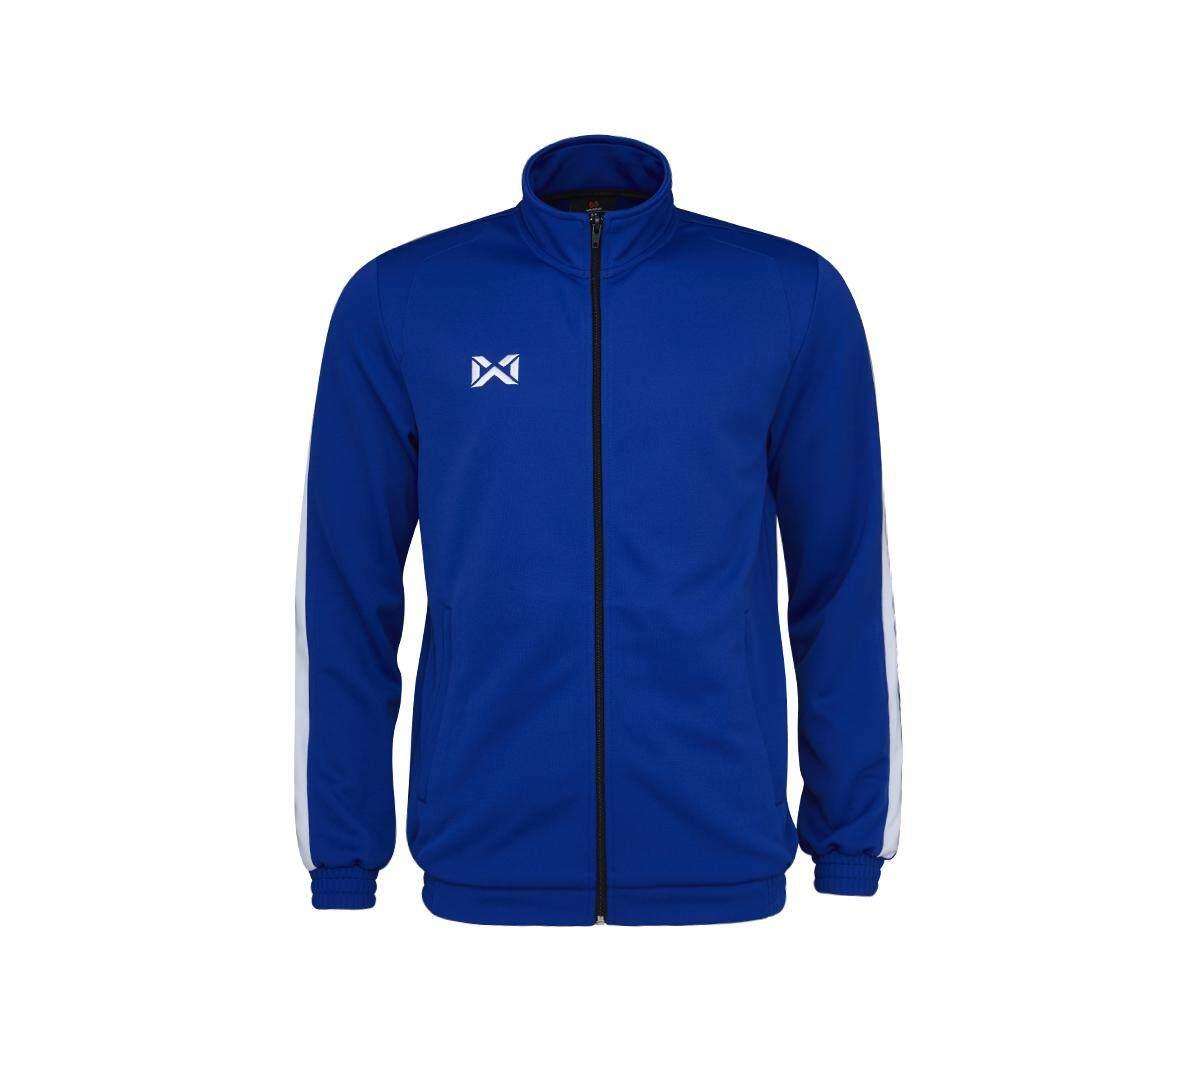 เสื้อวอร์ม วอริกซ์ สีน้ำเงิน-ขาว WA-1718-BW